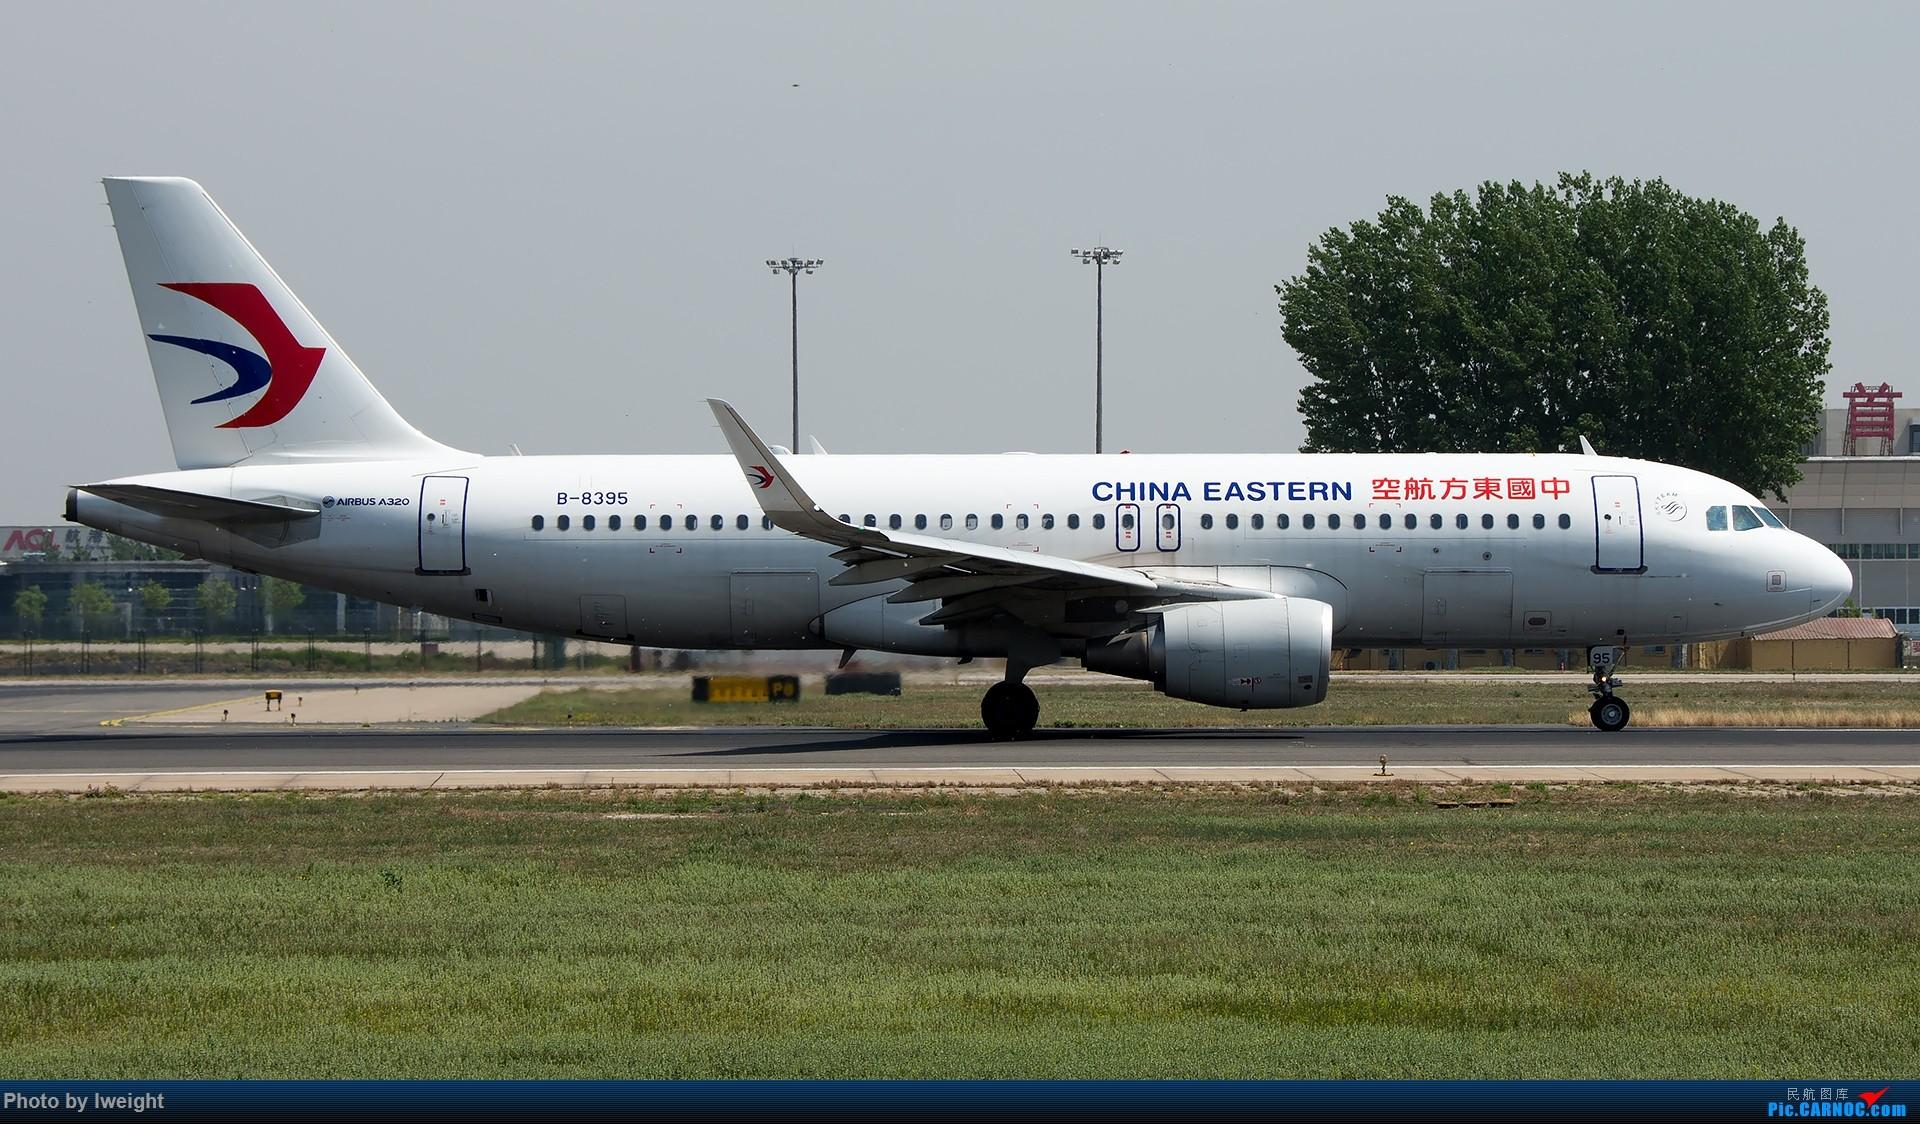 Re:[原创]天气晴朗,继续守候18R【多图】 AIRBUS A320-200 B-8395 中国北京首都国际机场